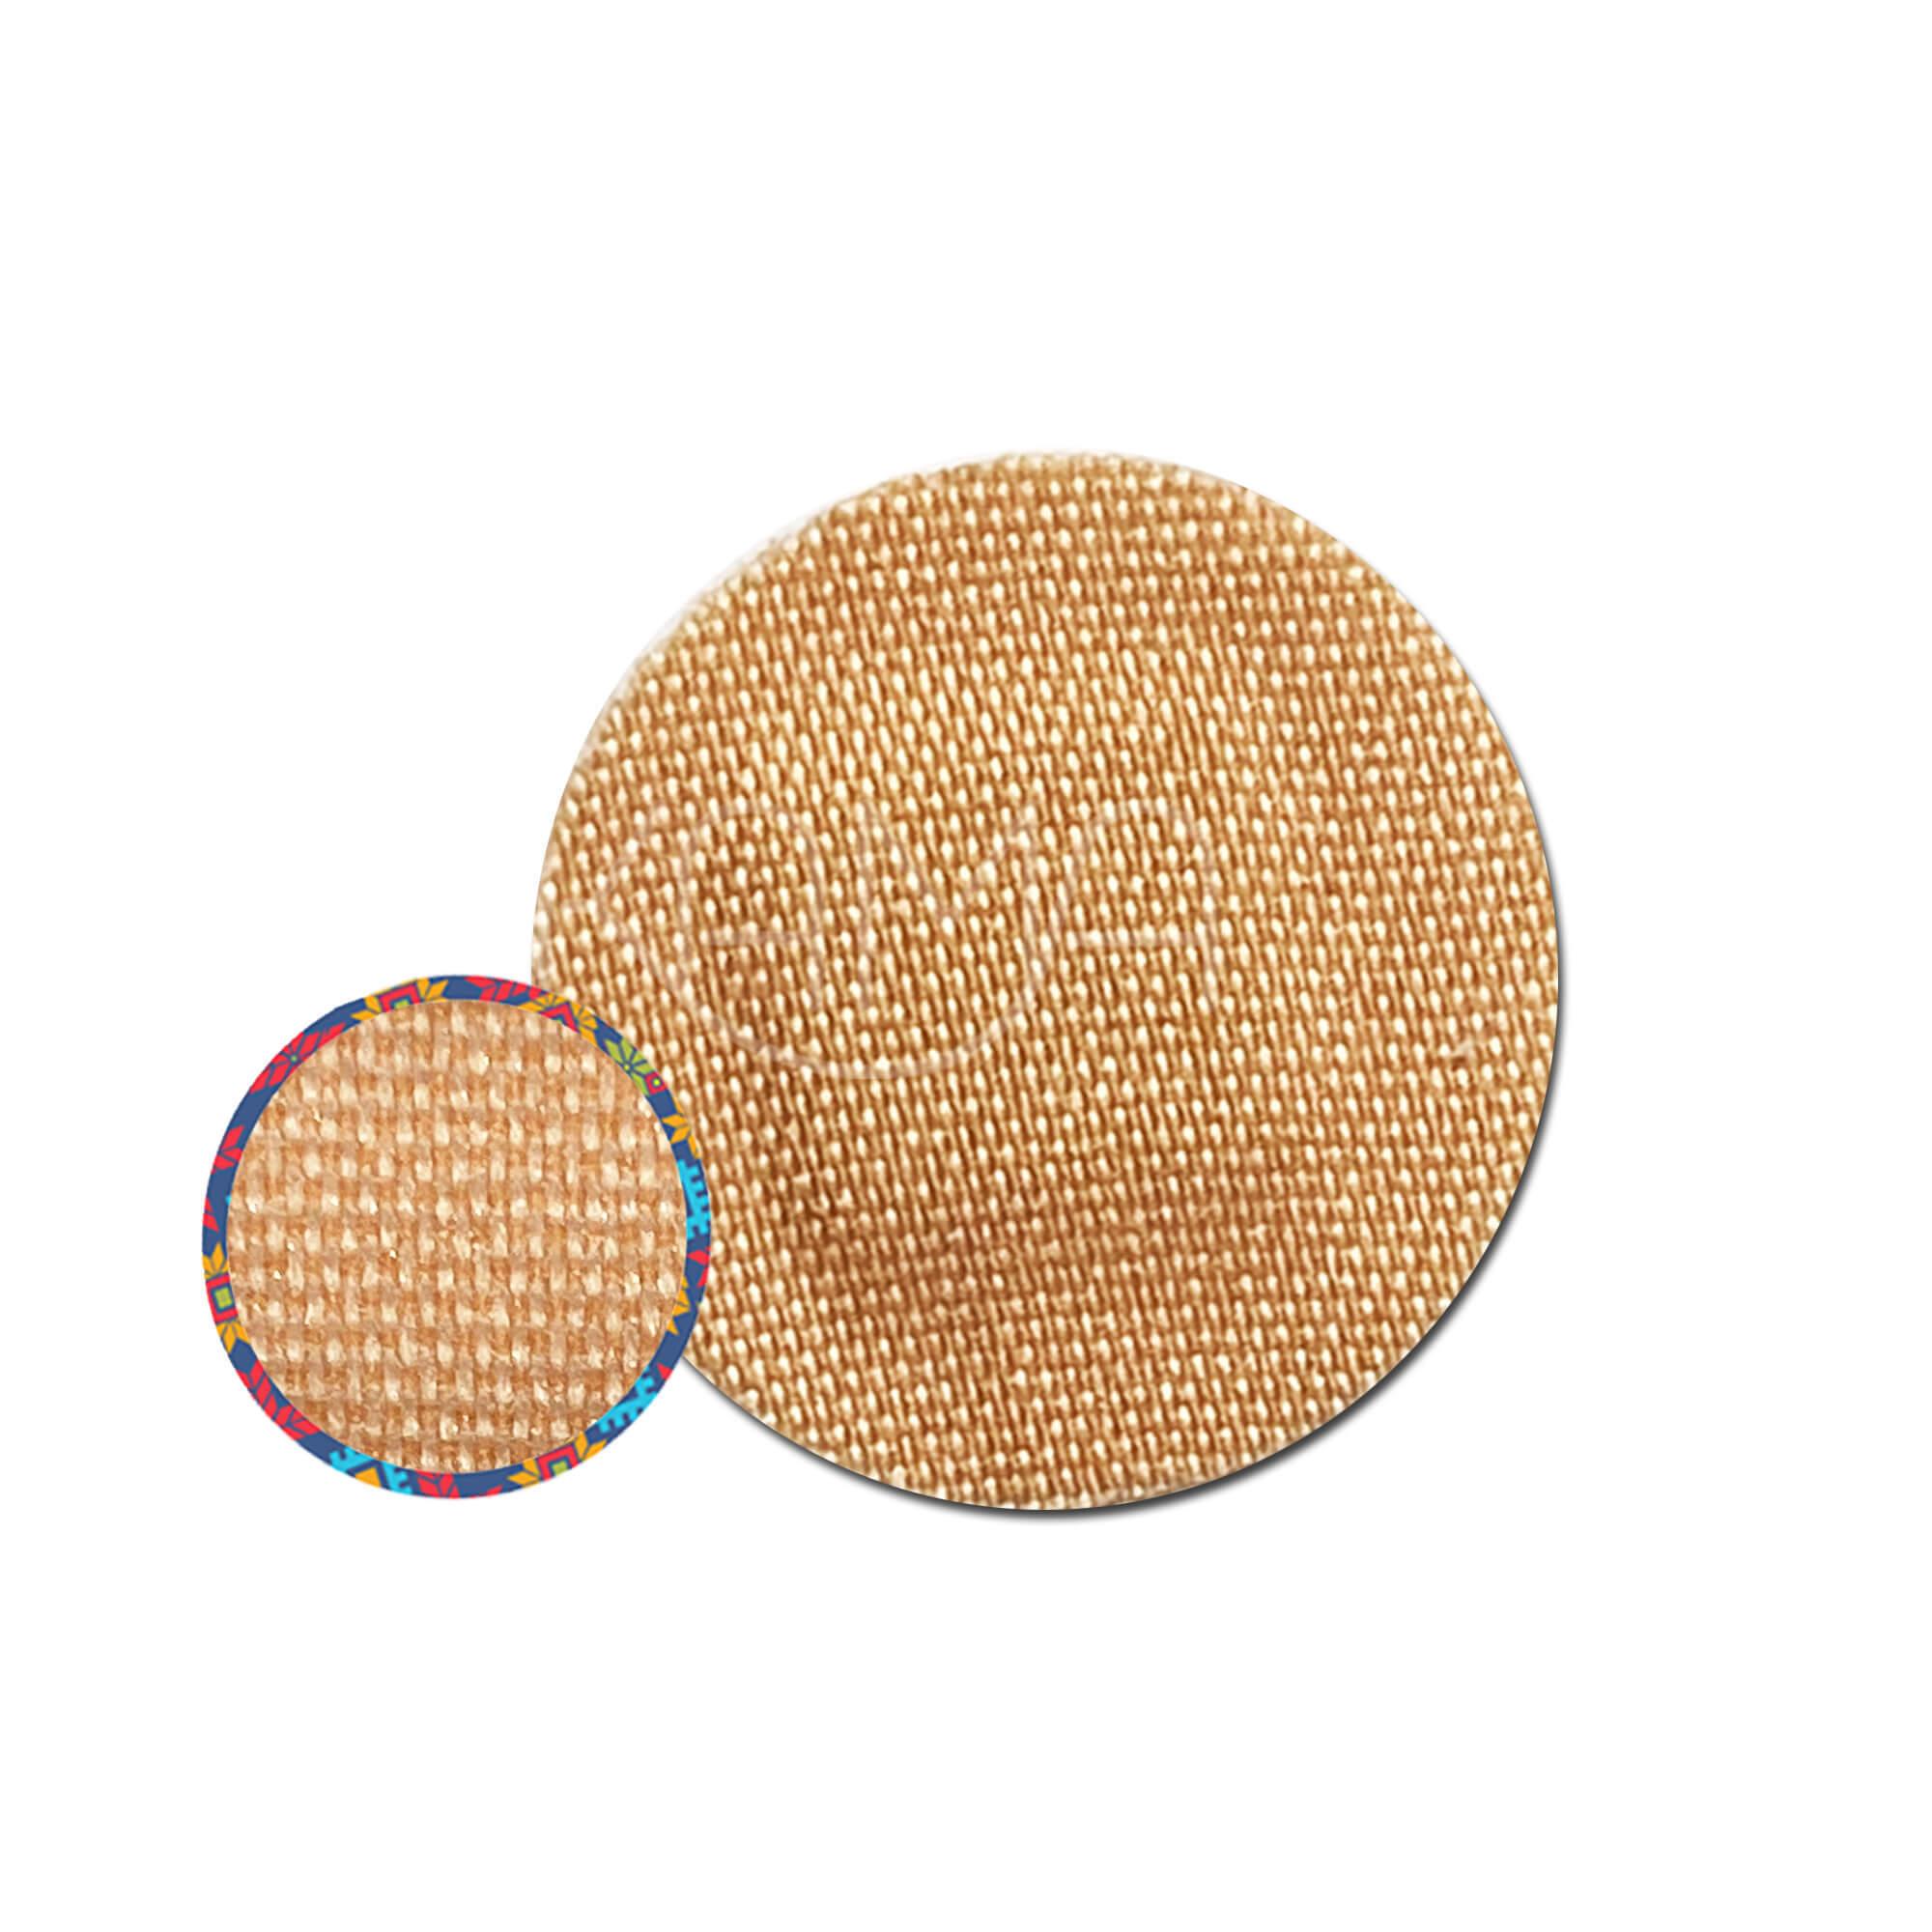 Пластыри бактерицидные на тканевой основе Мультиплекс Эластик телесные, 3 размера, №15